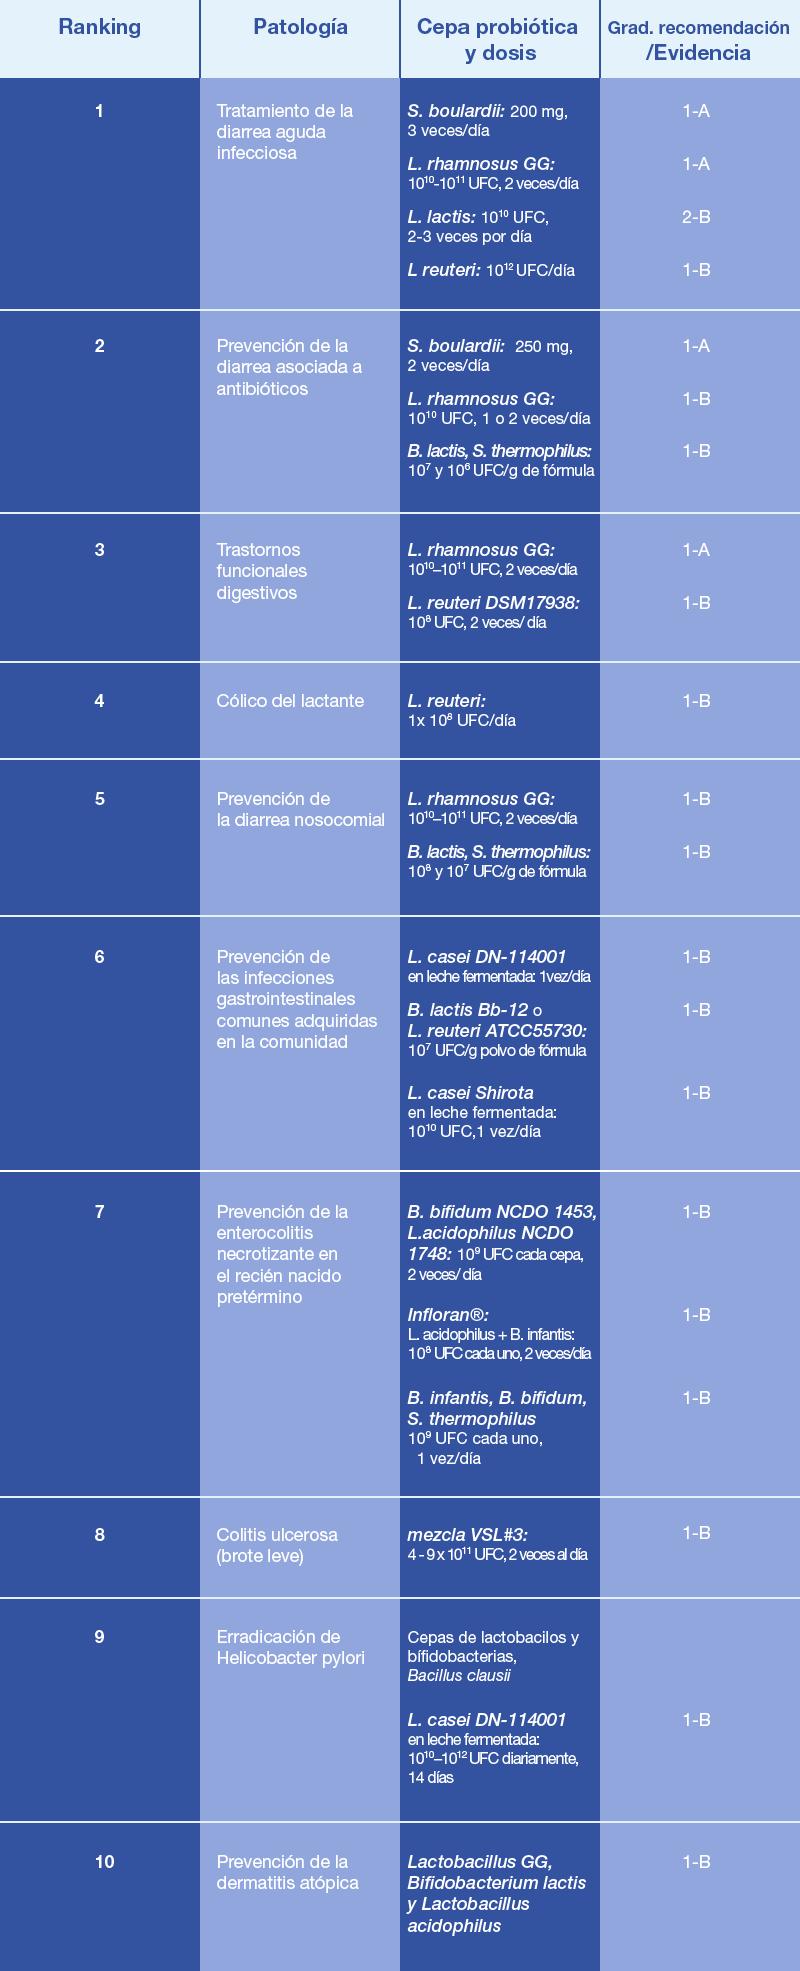 Indicaciones pediátricas de probióticos y prebióticos de la Guía mundial de la Asociación Mundial de Gastroenterología